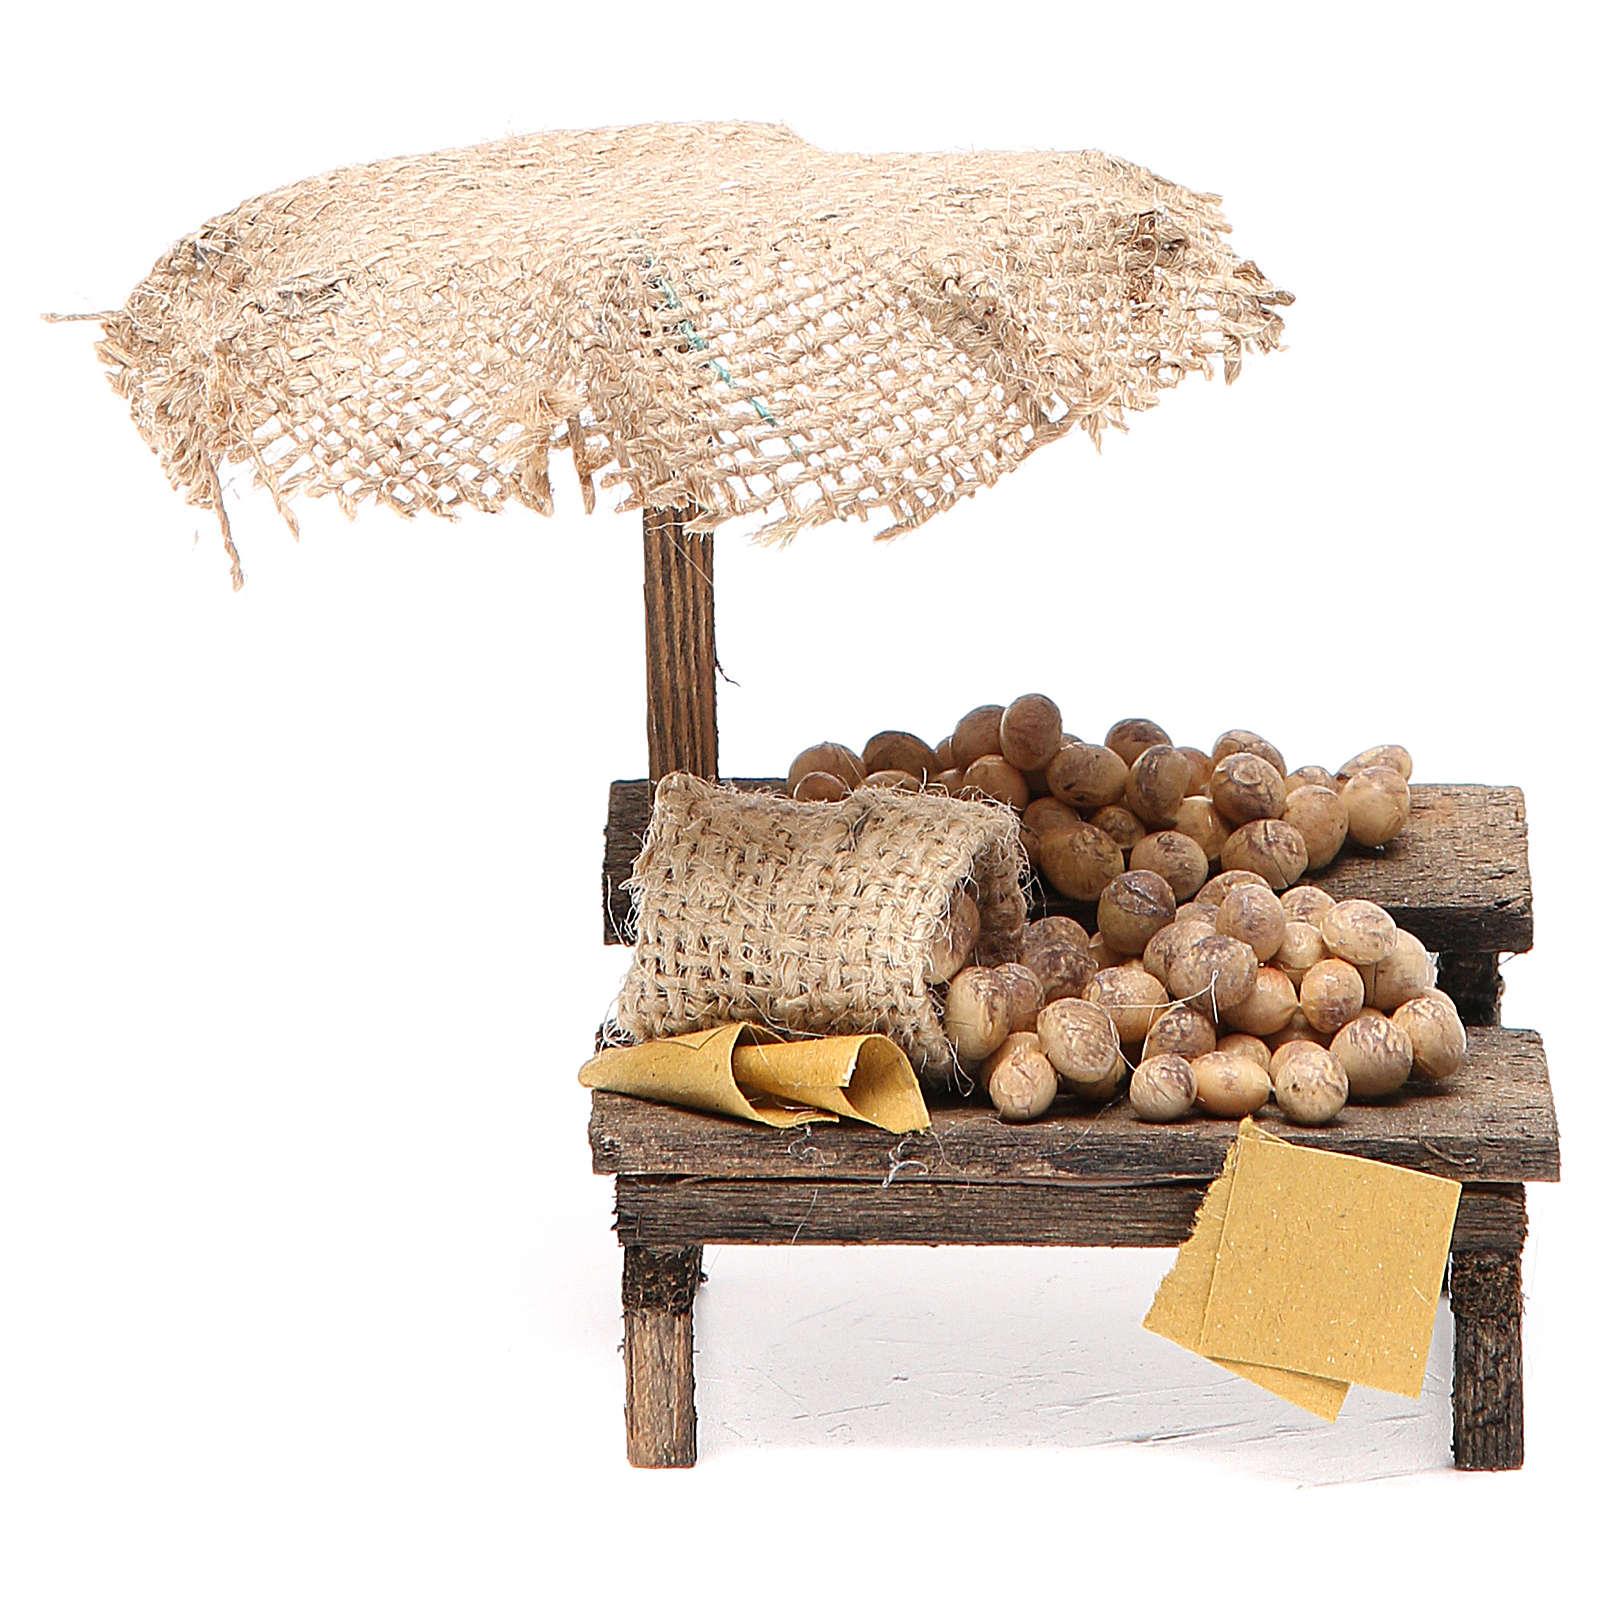 Banca presépio com ovos e chapéu-de-sol 12x10x12 cm 4